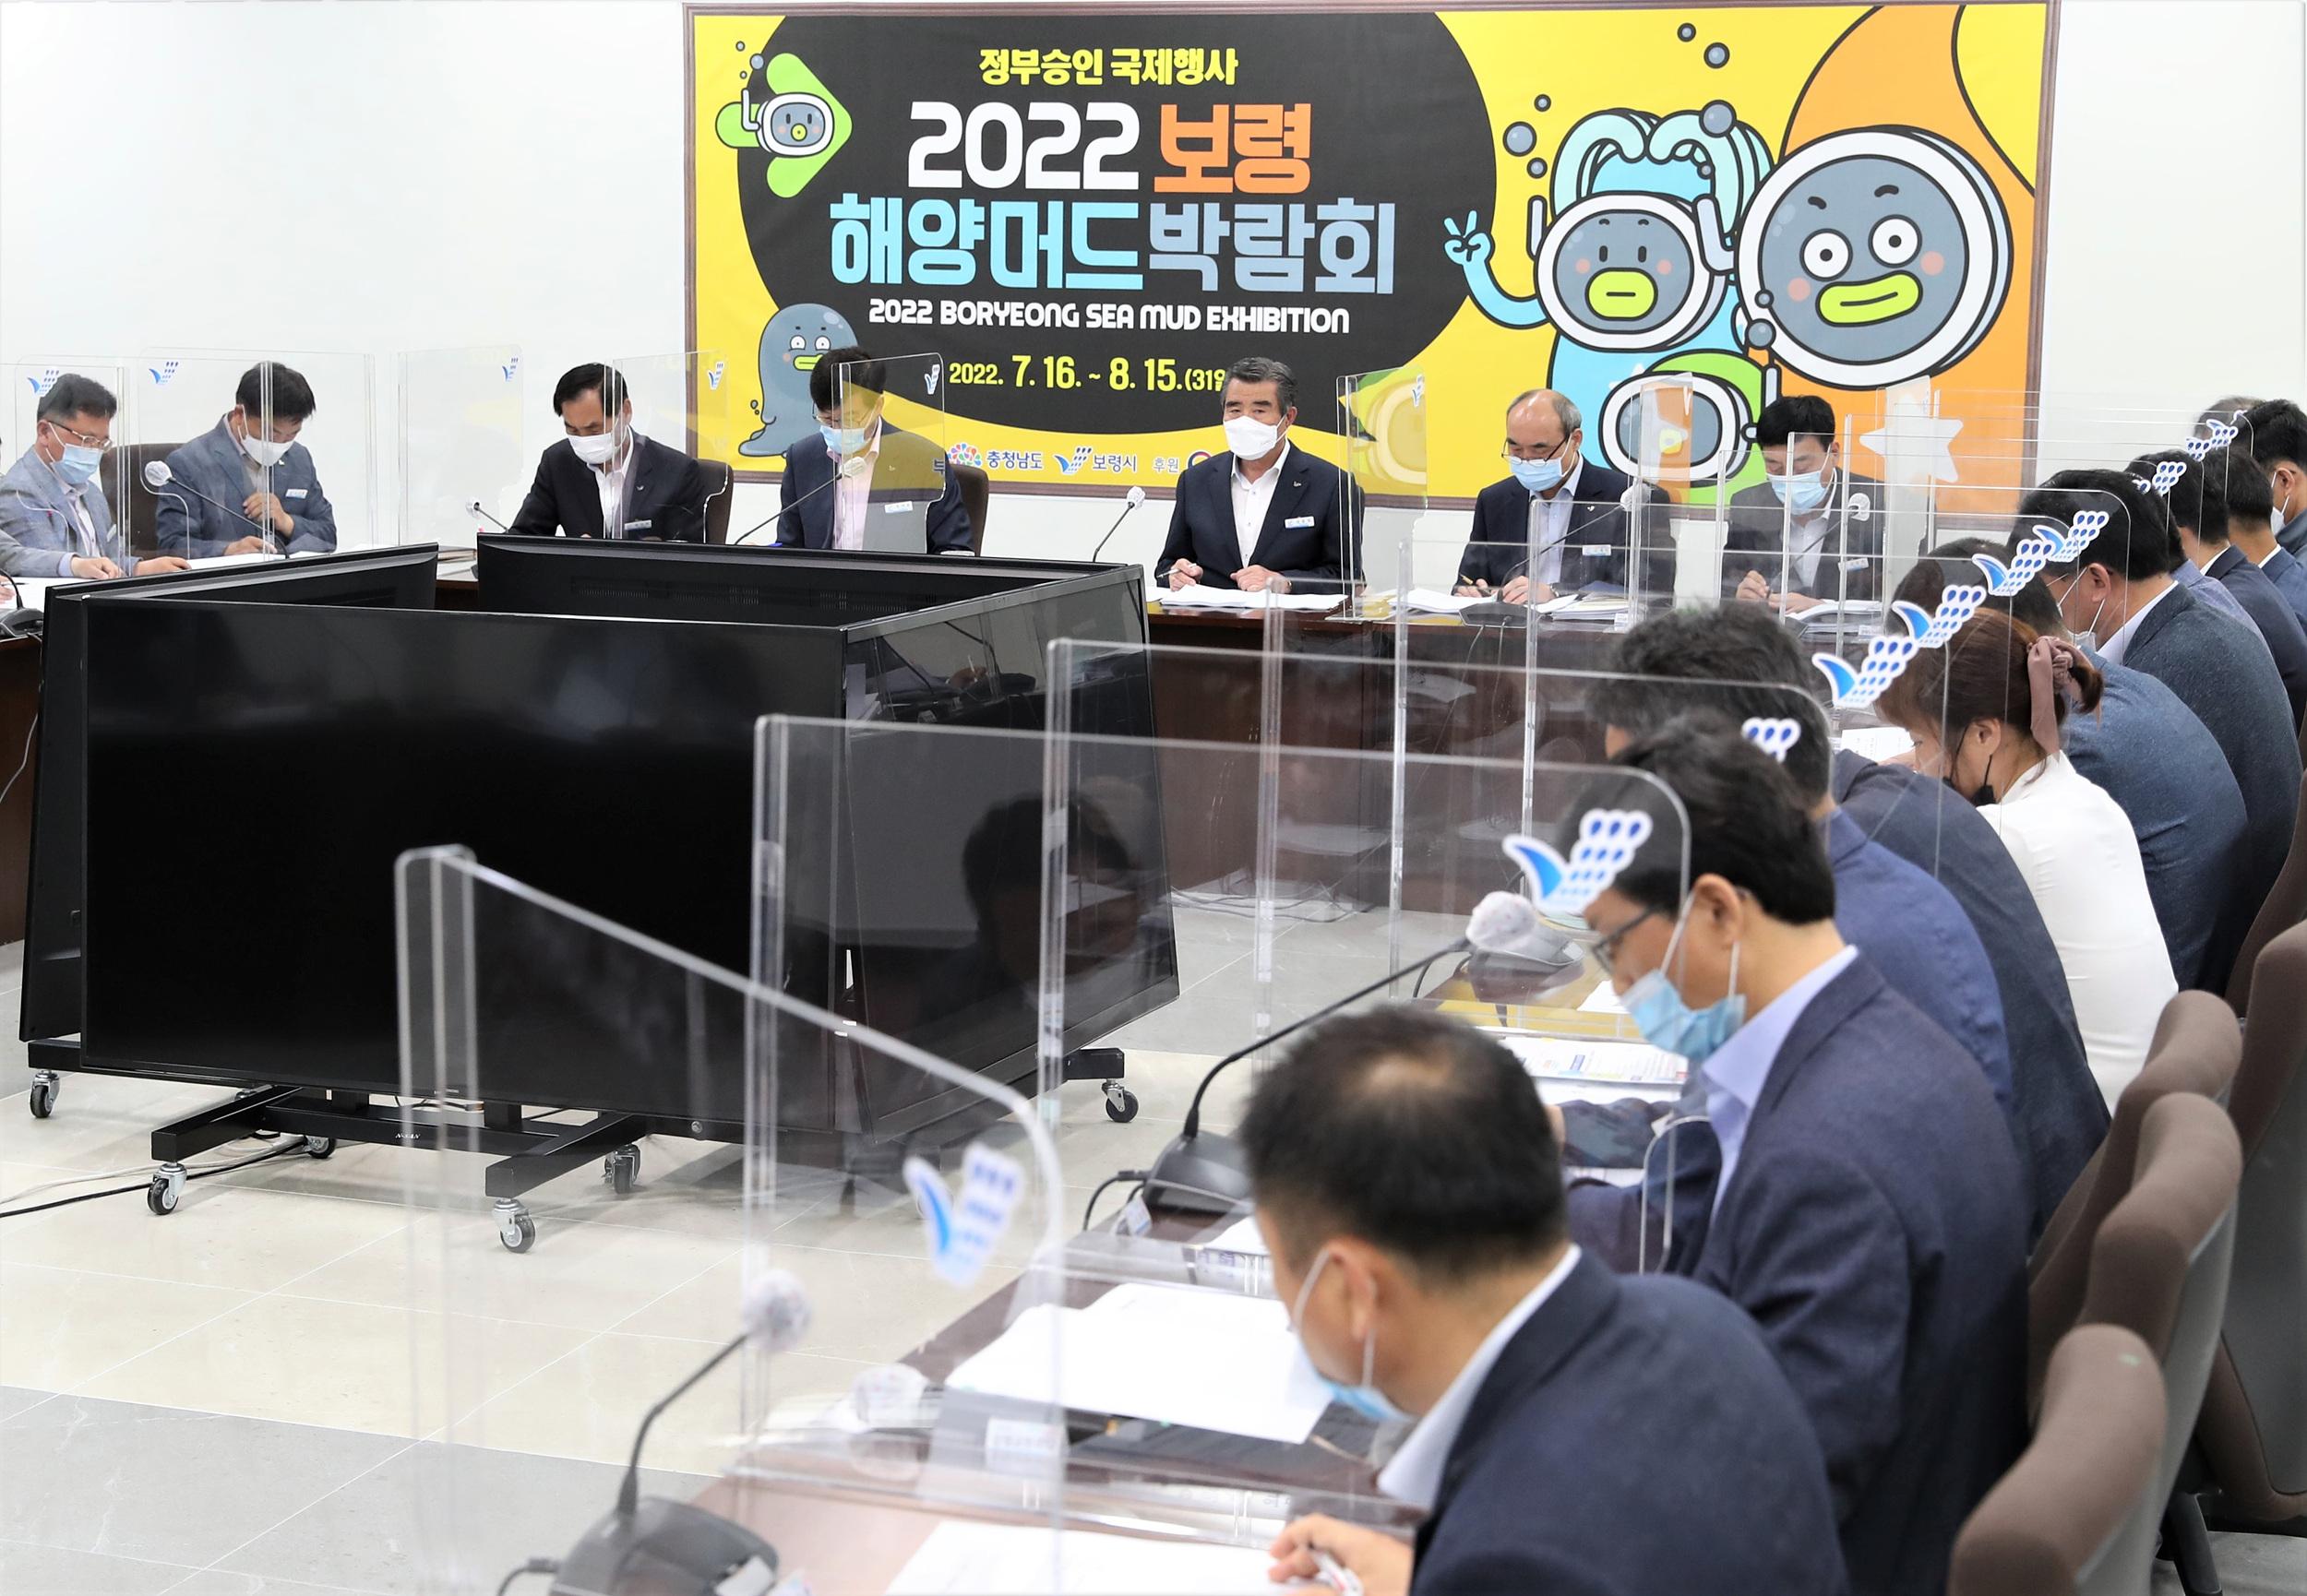 2022 보령해양머드박람회 연계사업 추진상황 보고회 개최